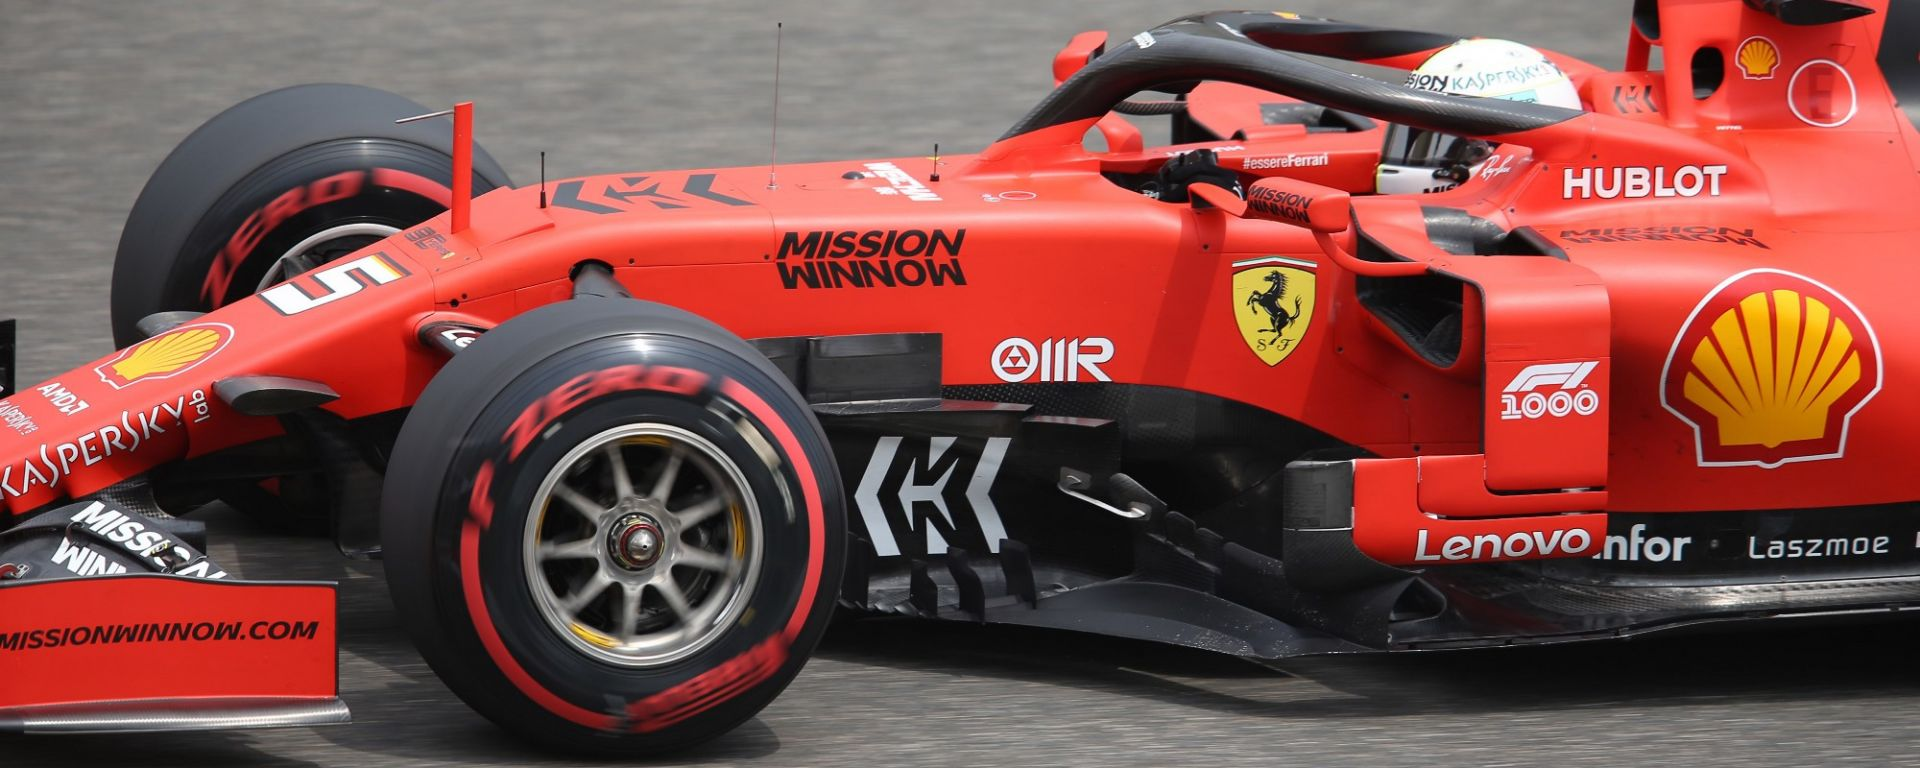 """GP Cina 2019, Ferrari in seconda fila. Vettel e Leclerc: """"Ce la giochiamo"""""""